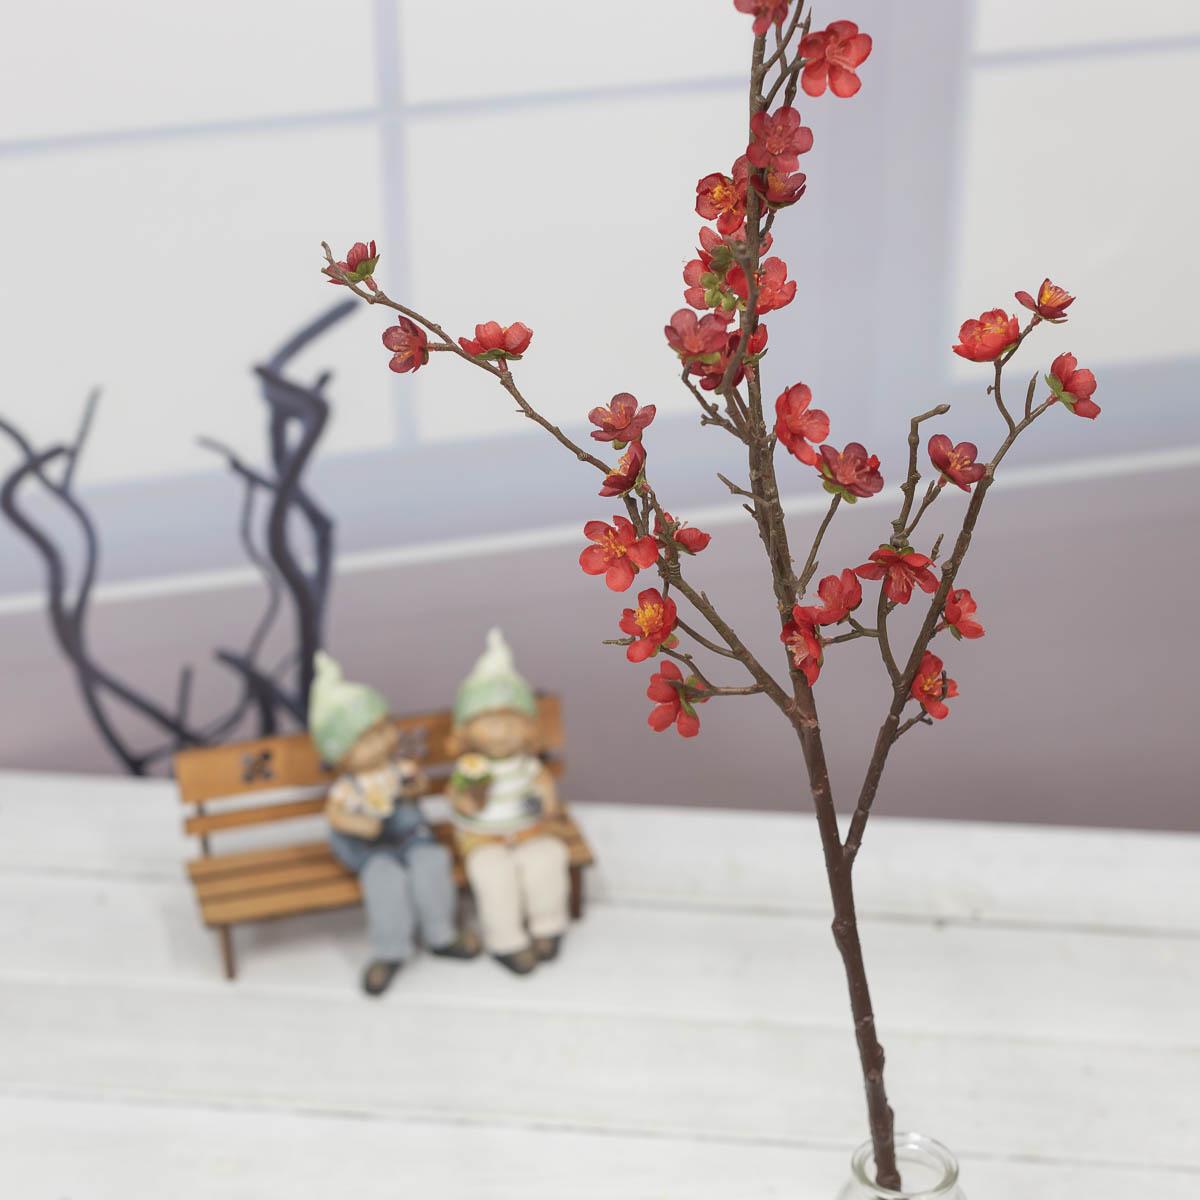 살구꽃 나무 가지 Red(레드) 기본이미지